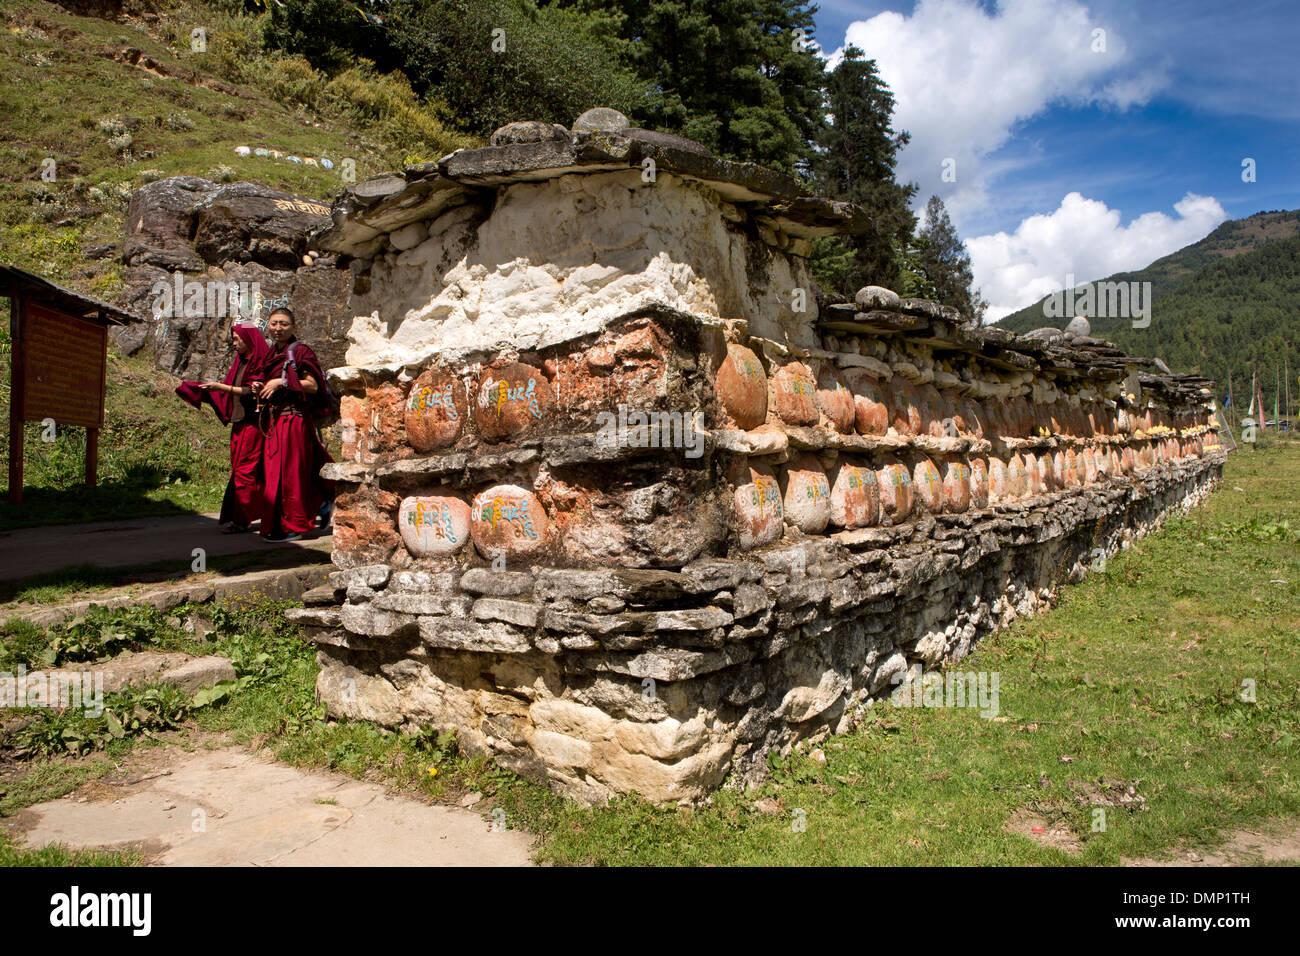 Le Bhoutan, la vallée de Bumthang, Kurjey Lhakang, monastère, les moines de mur mani Banque D'Images